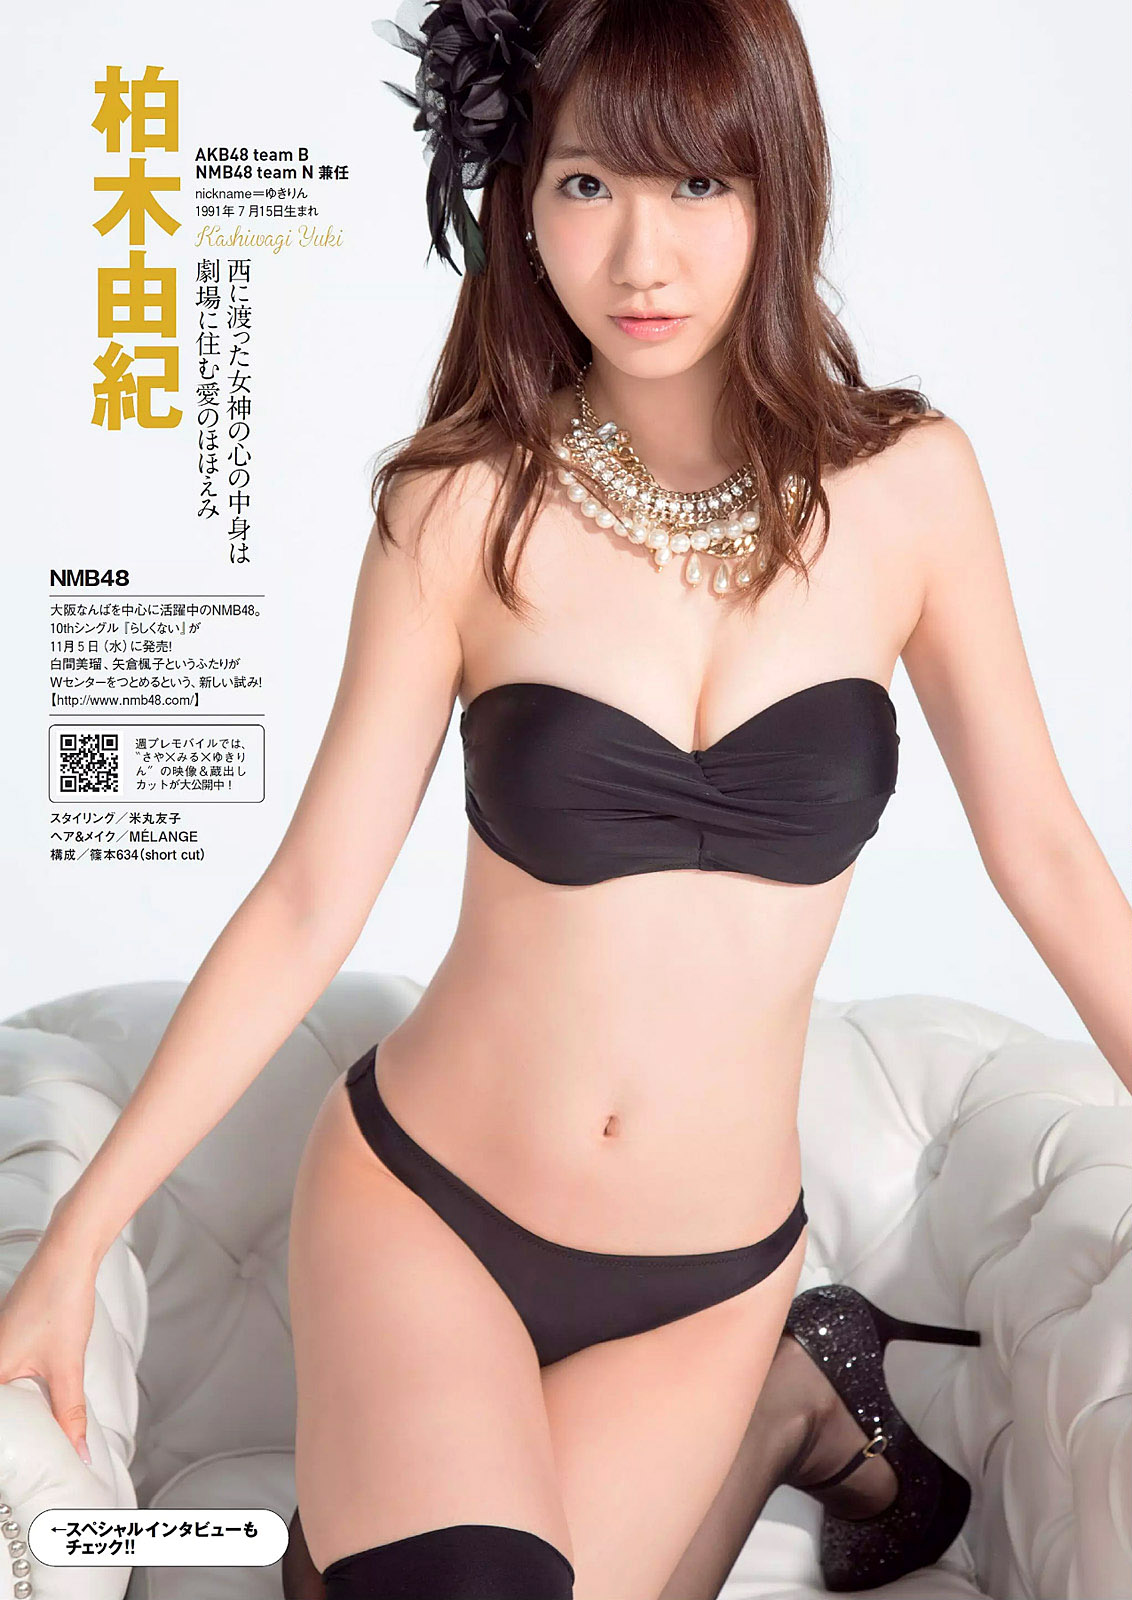 YKashiwagi SYamamoto MiWatanabe WPB 141110 07.jpg